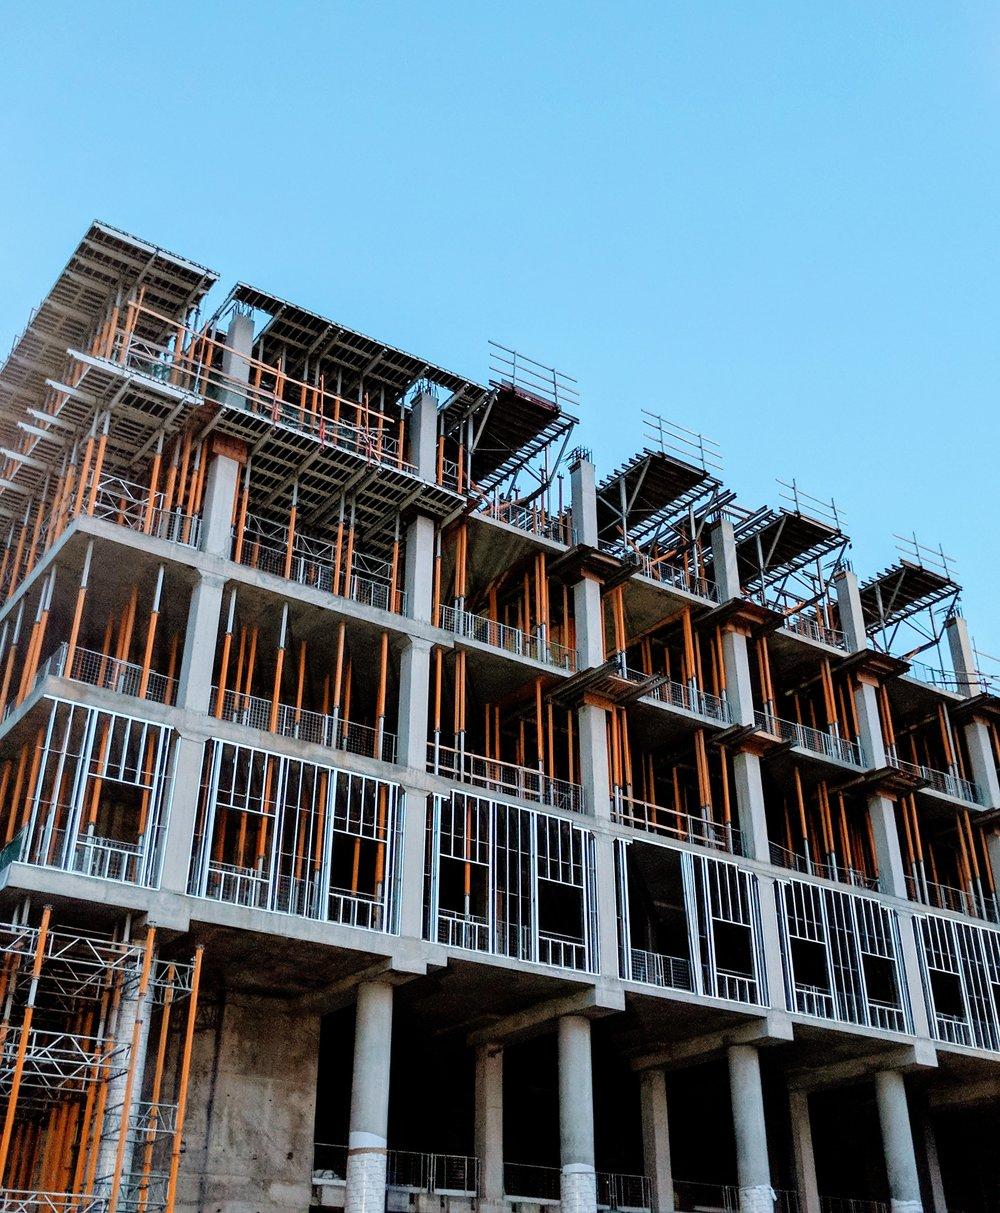 Construction-11.jpg